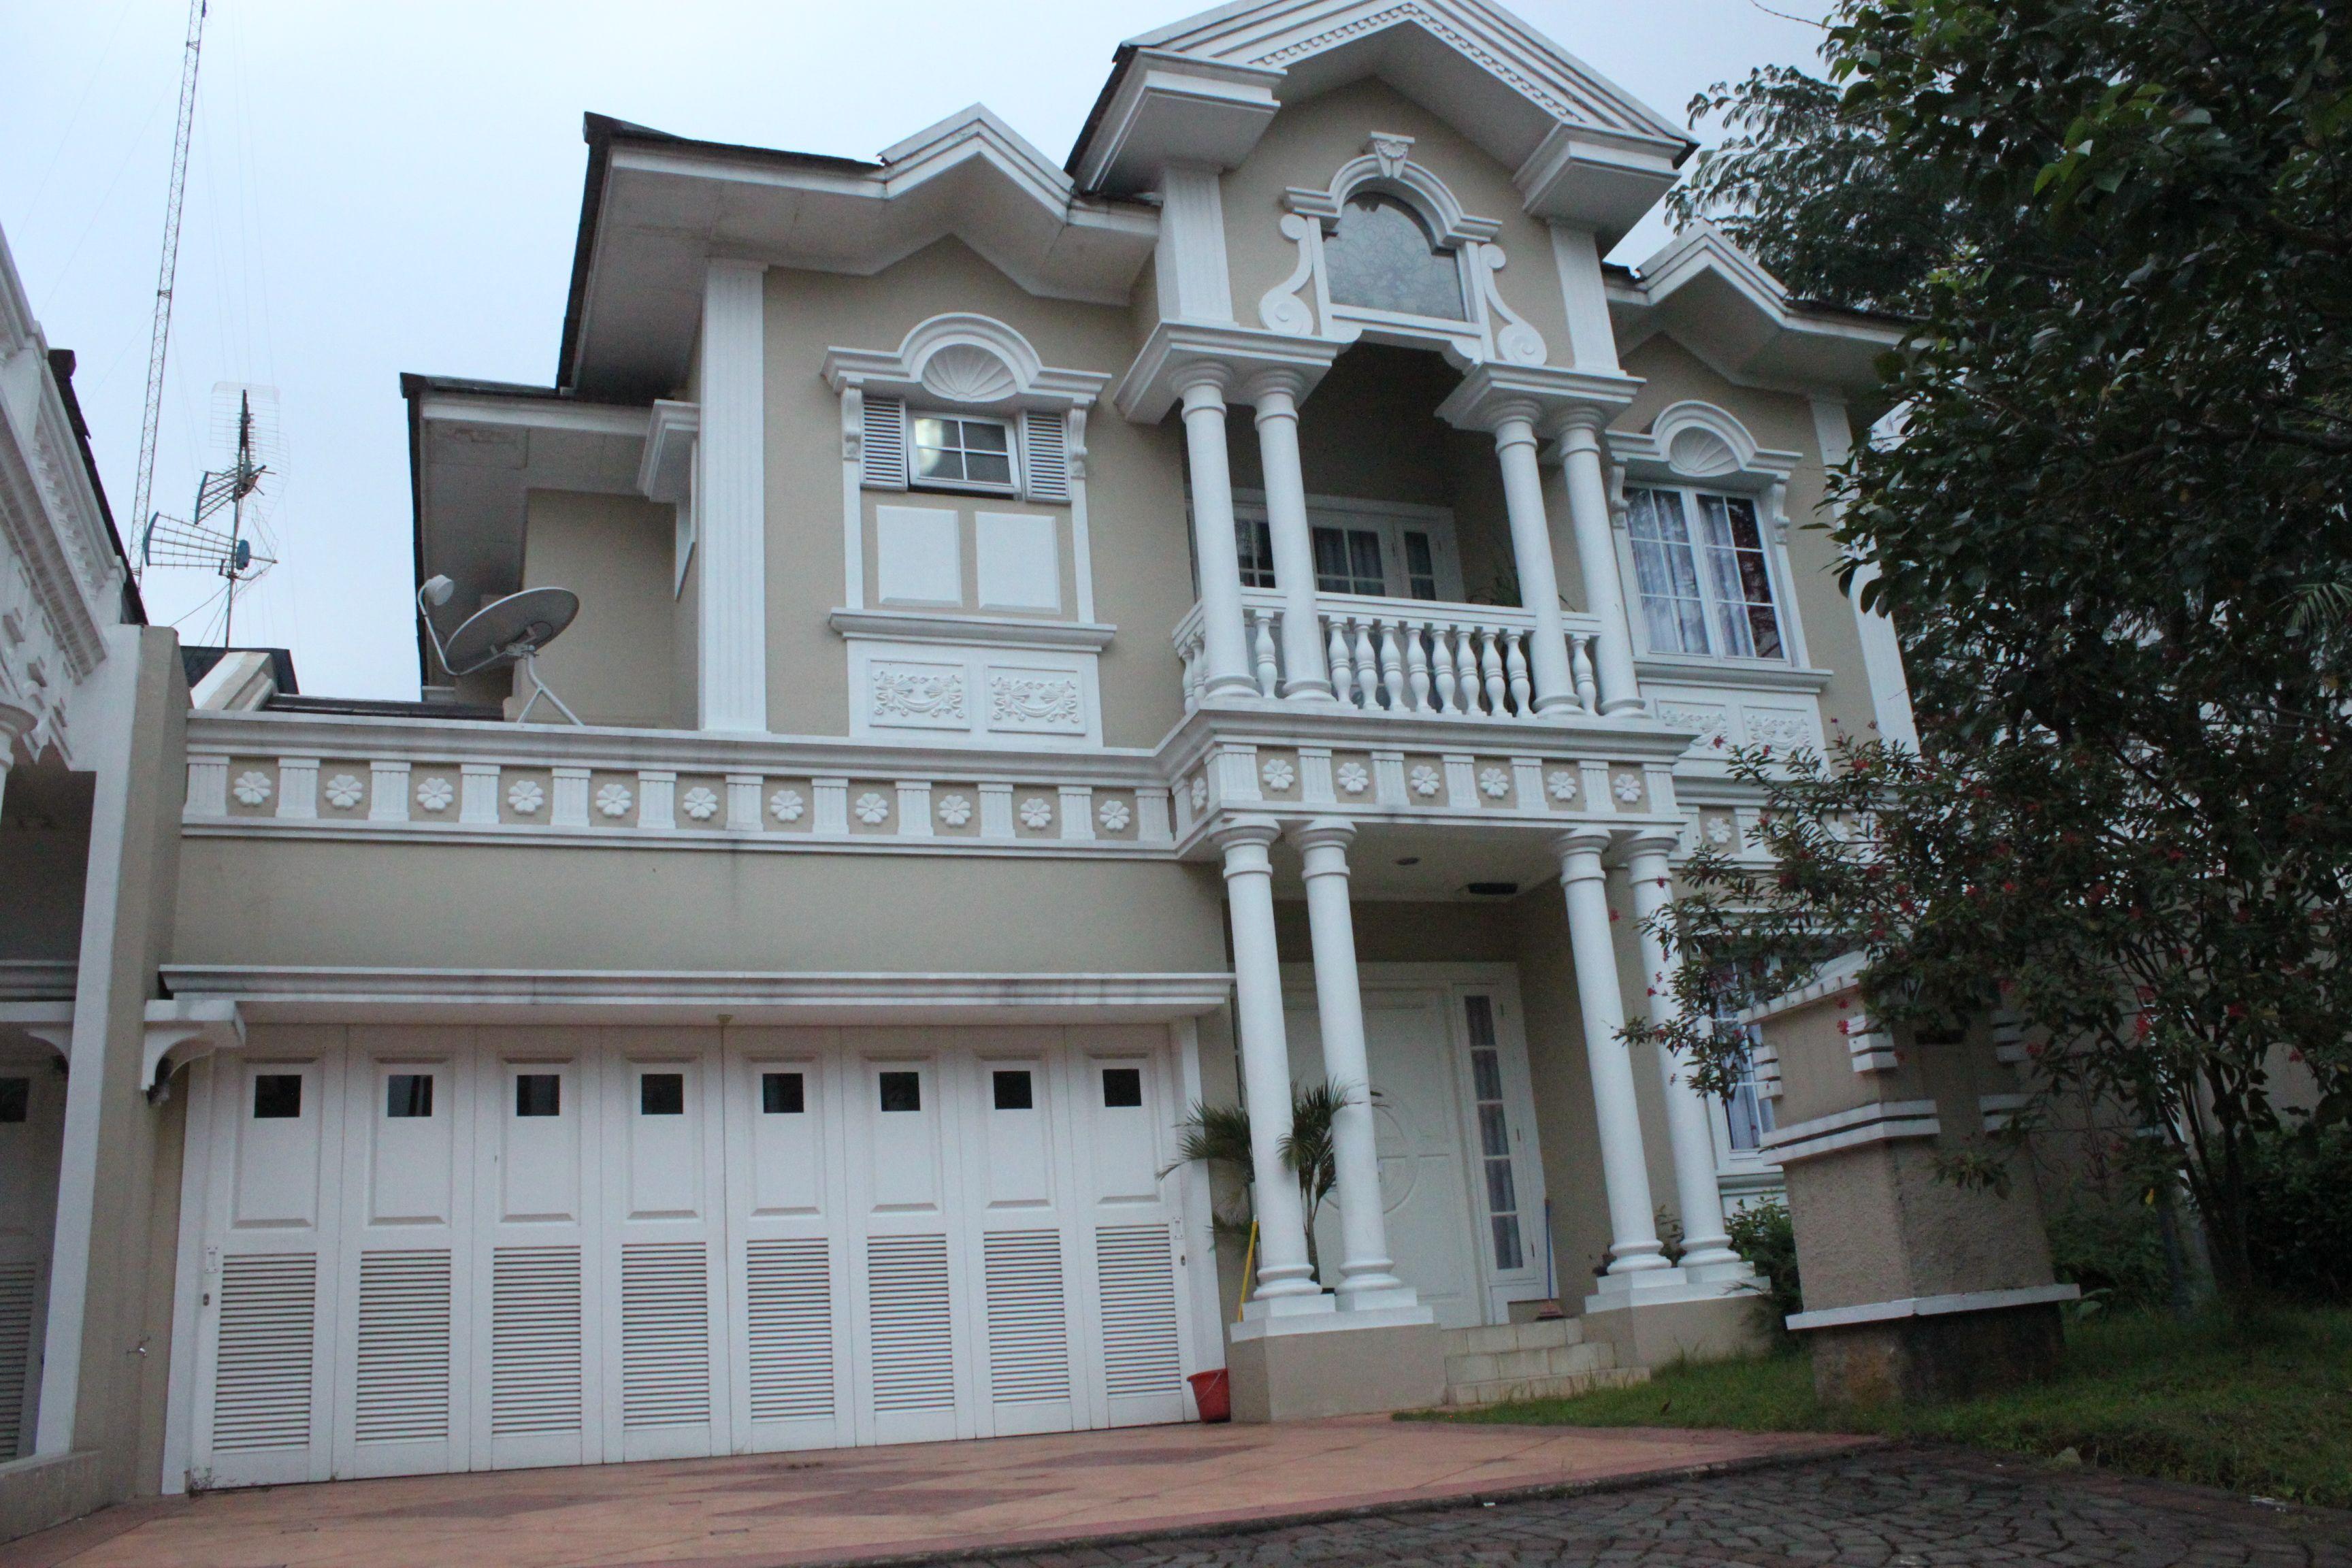 Kota Wisata Jual Rumah Di Cibubur Kotawisata Dijual